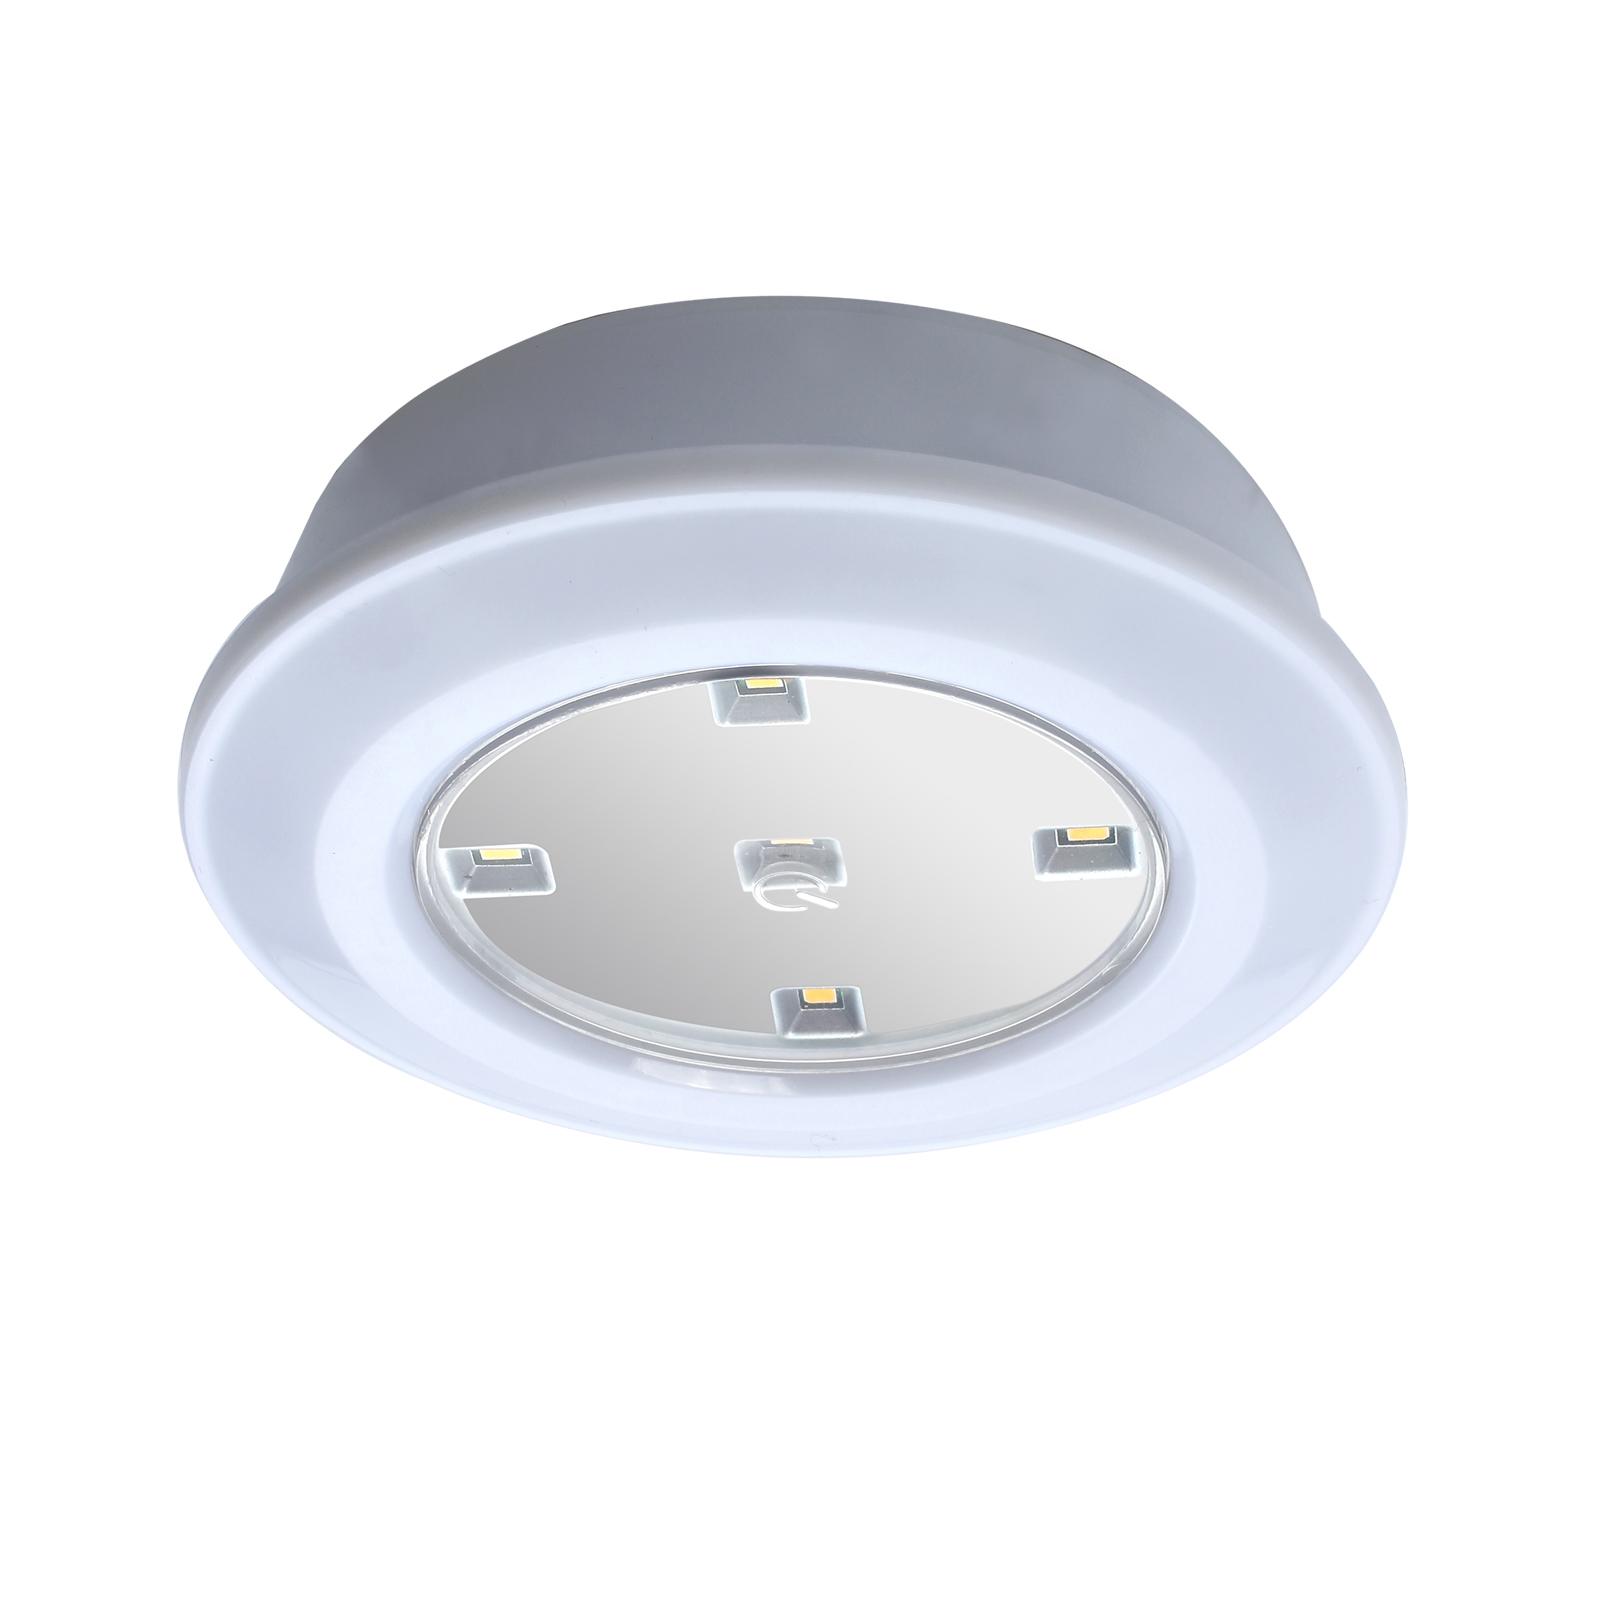 1x 5 Leds Touch Licht Leuchte Lampe Batteriebetrieb Unterbau Schrank ...